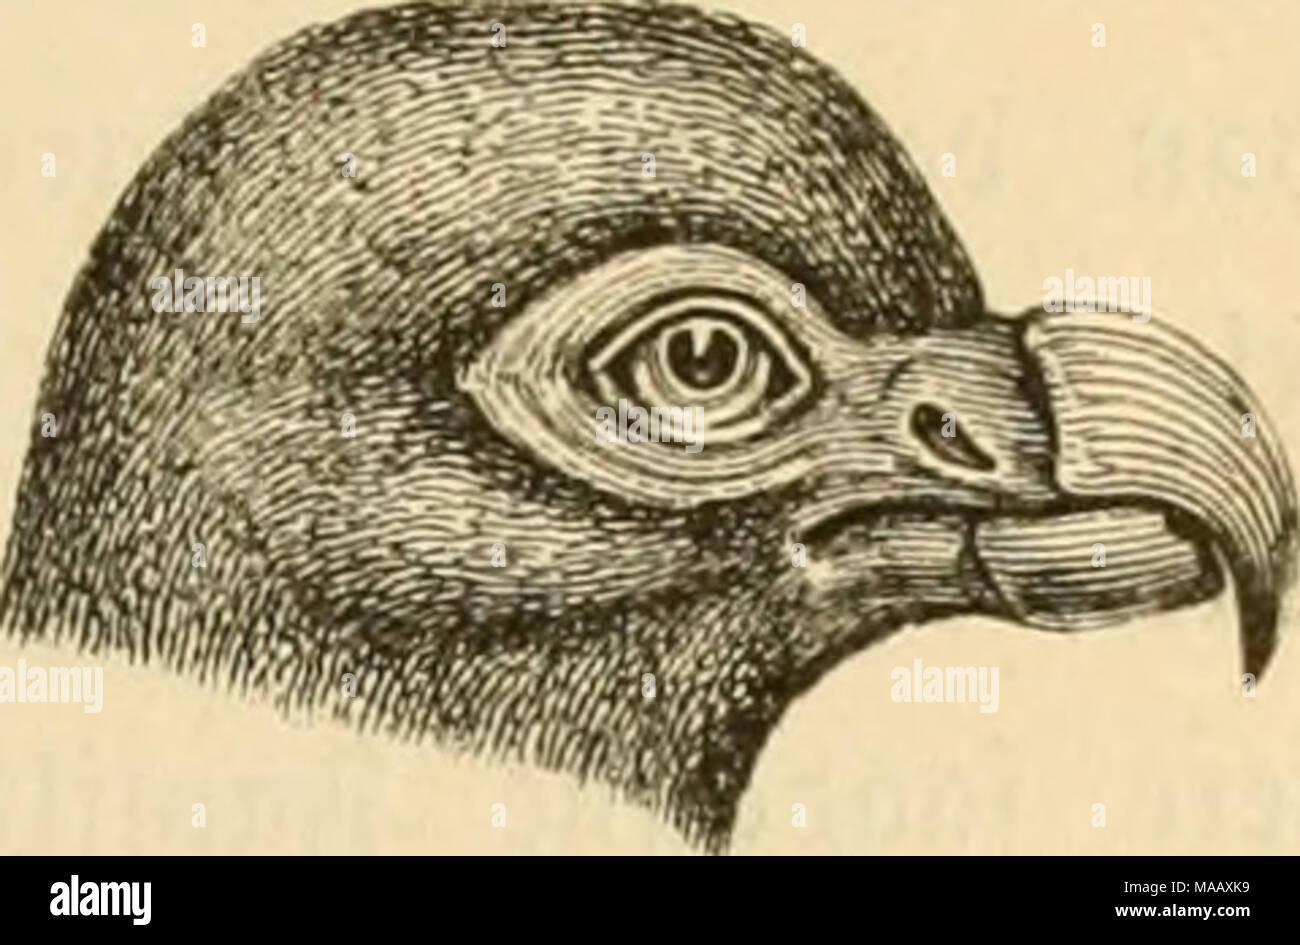 . Dyreriget : (Laerebog i zoologien, nr. 1) . ©uefugtene. 183 ben tamme Jurtclbue (C. turtur) l^ar o)3rinbctig hjemme t ^fien. 3i 9?orb = ^merifa finbeS SBanbrcbuen (C. migratorla), ber er berømt for be ©treiftog, fom ben foretager i ul^^re ^^loffe til be @gne, ^oor (Sgen og 33øgen bære mange frugter. 3tort)buerne (Gura) ^aoe fortere 53inger og fraftigere ?^øbbcr og o^t)oIbe fig mere paa 3orben, ^»or be ogfaa i ^ttmtnbcltgljeb ruge. '^aa en 0 i bet ftiUe $at) finbeg en liUe Sorbbue (l)idun- culus), fom tetoer af ^notbe og Søg og l^ar et ganffe tignenbe ftcerft og froget 9?æb fom3)ronten (Didus - Stock Image